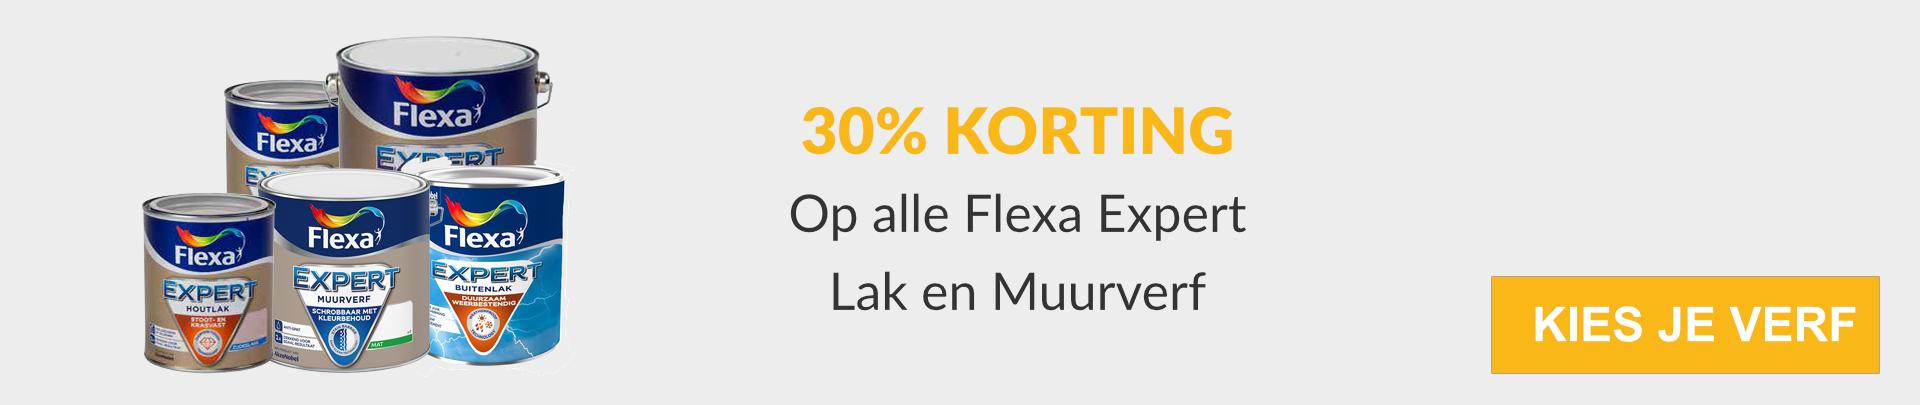 Flexa Expert Actie